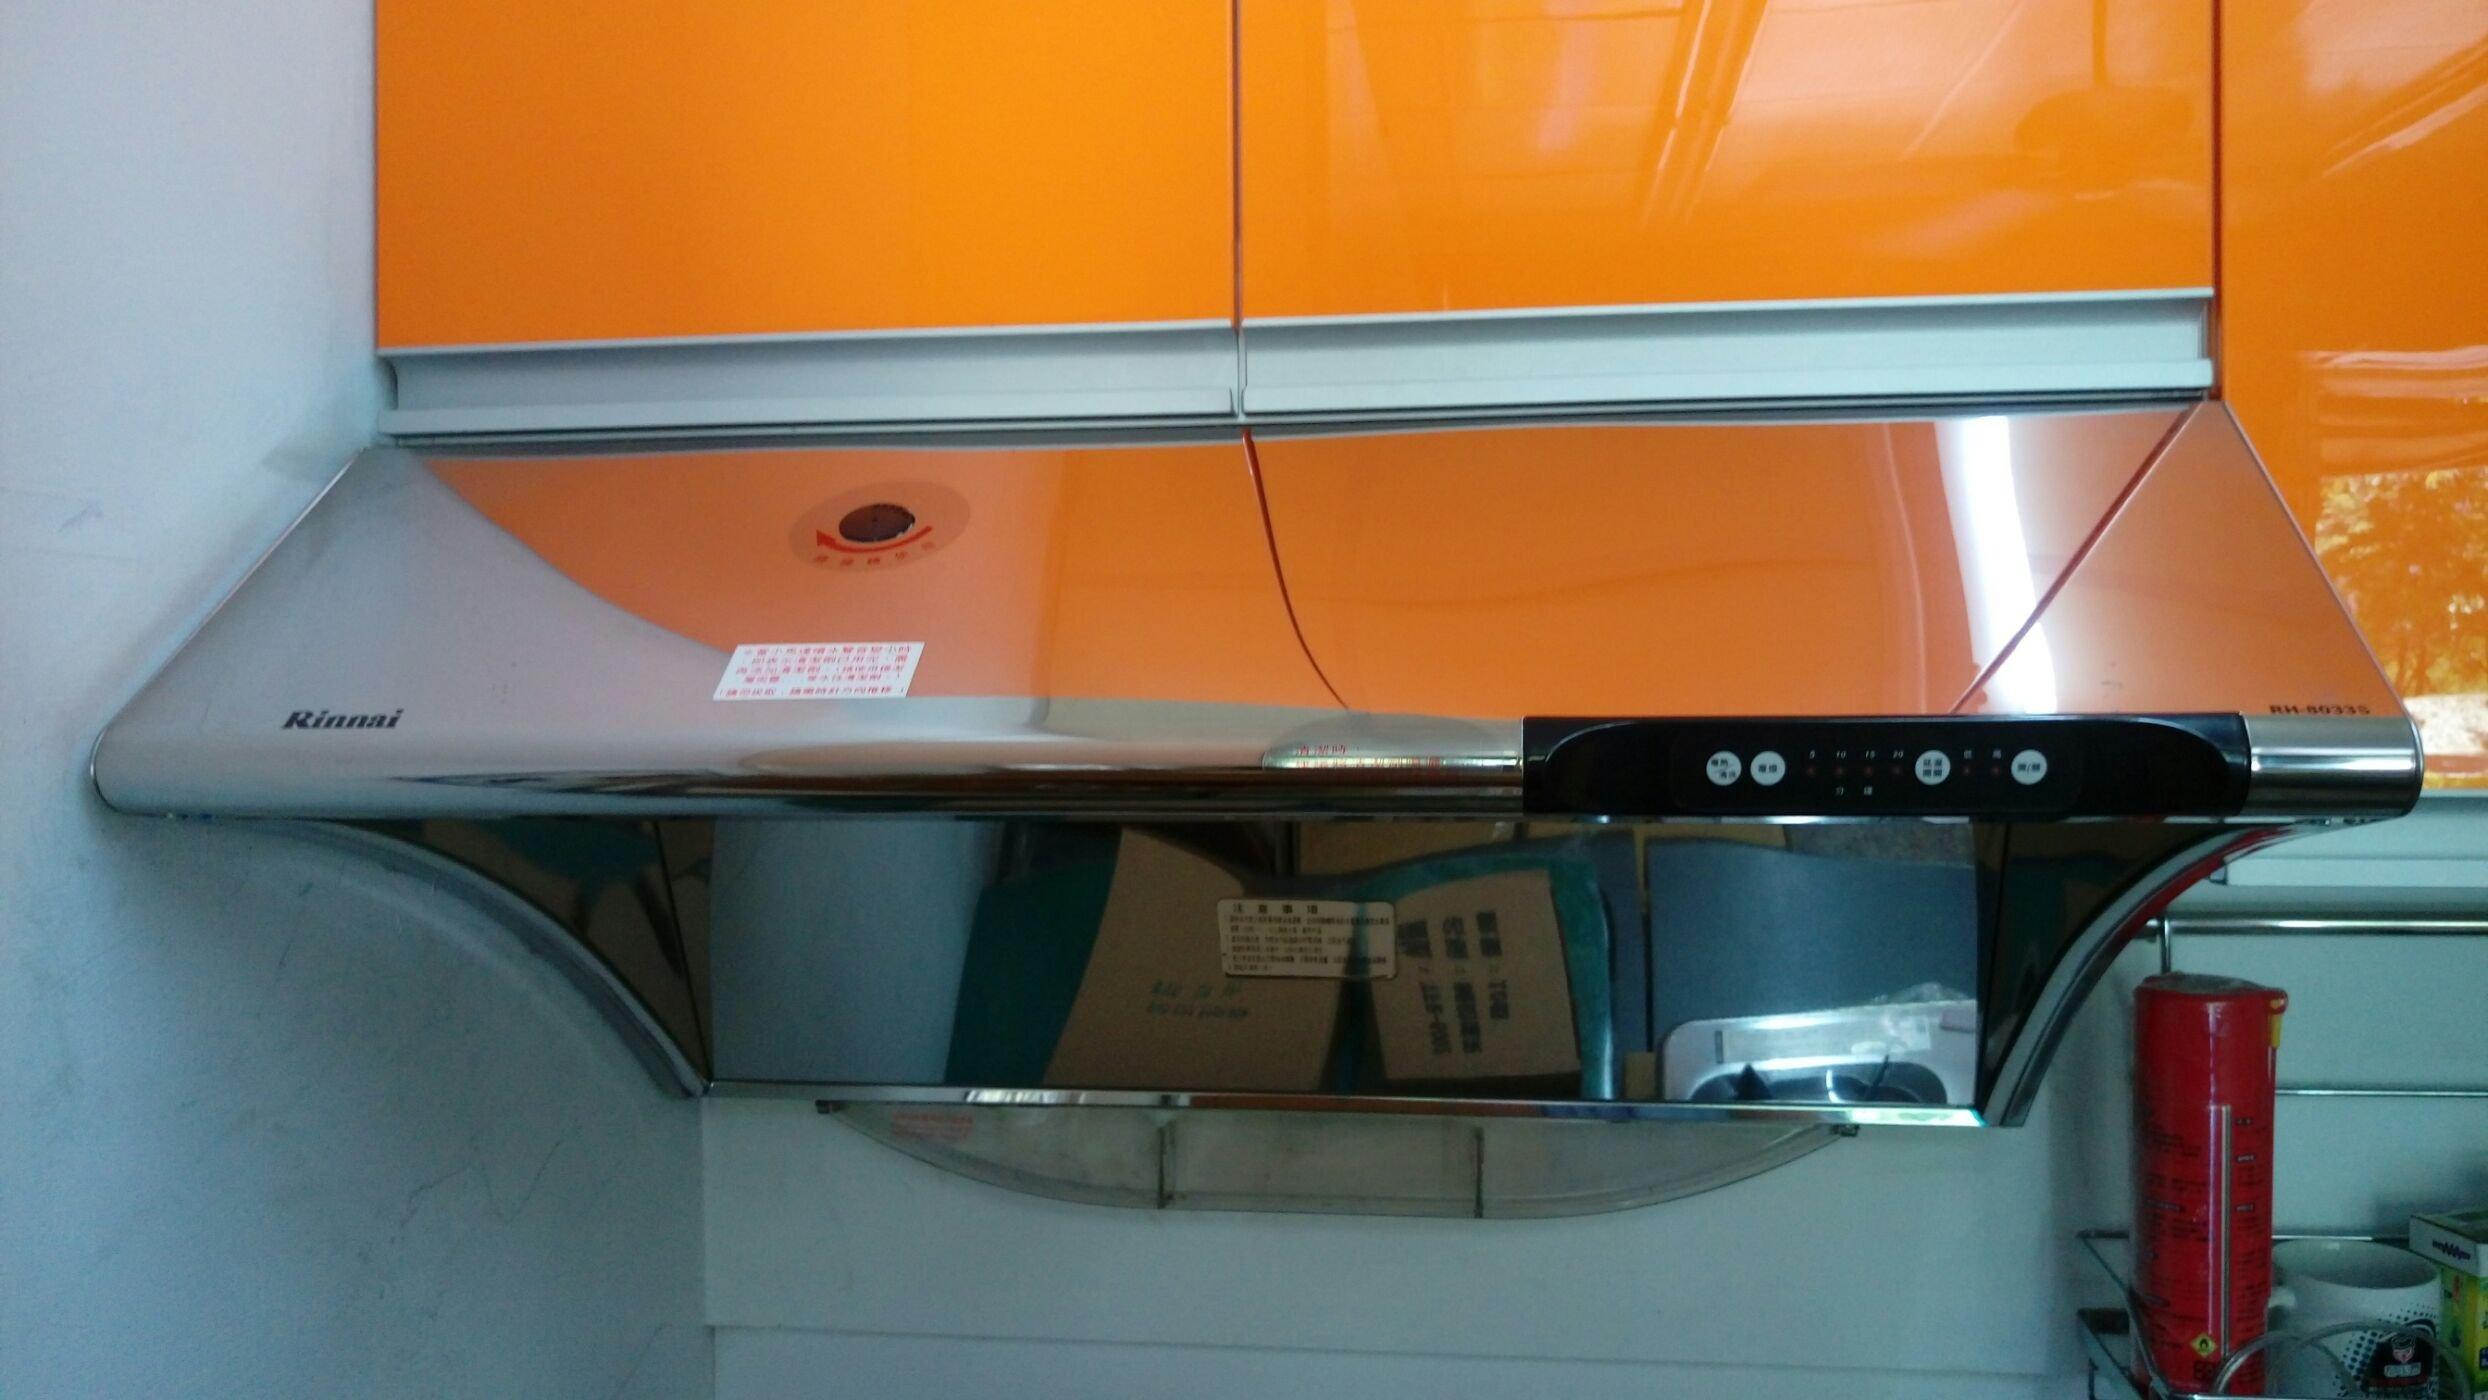 高雄台南《J工坊》林內RH-8033S深罩式排油煙機 水洗電熱除油